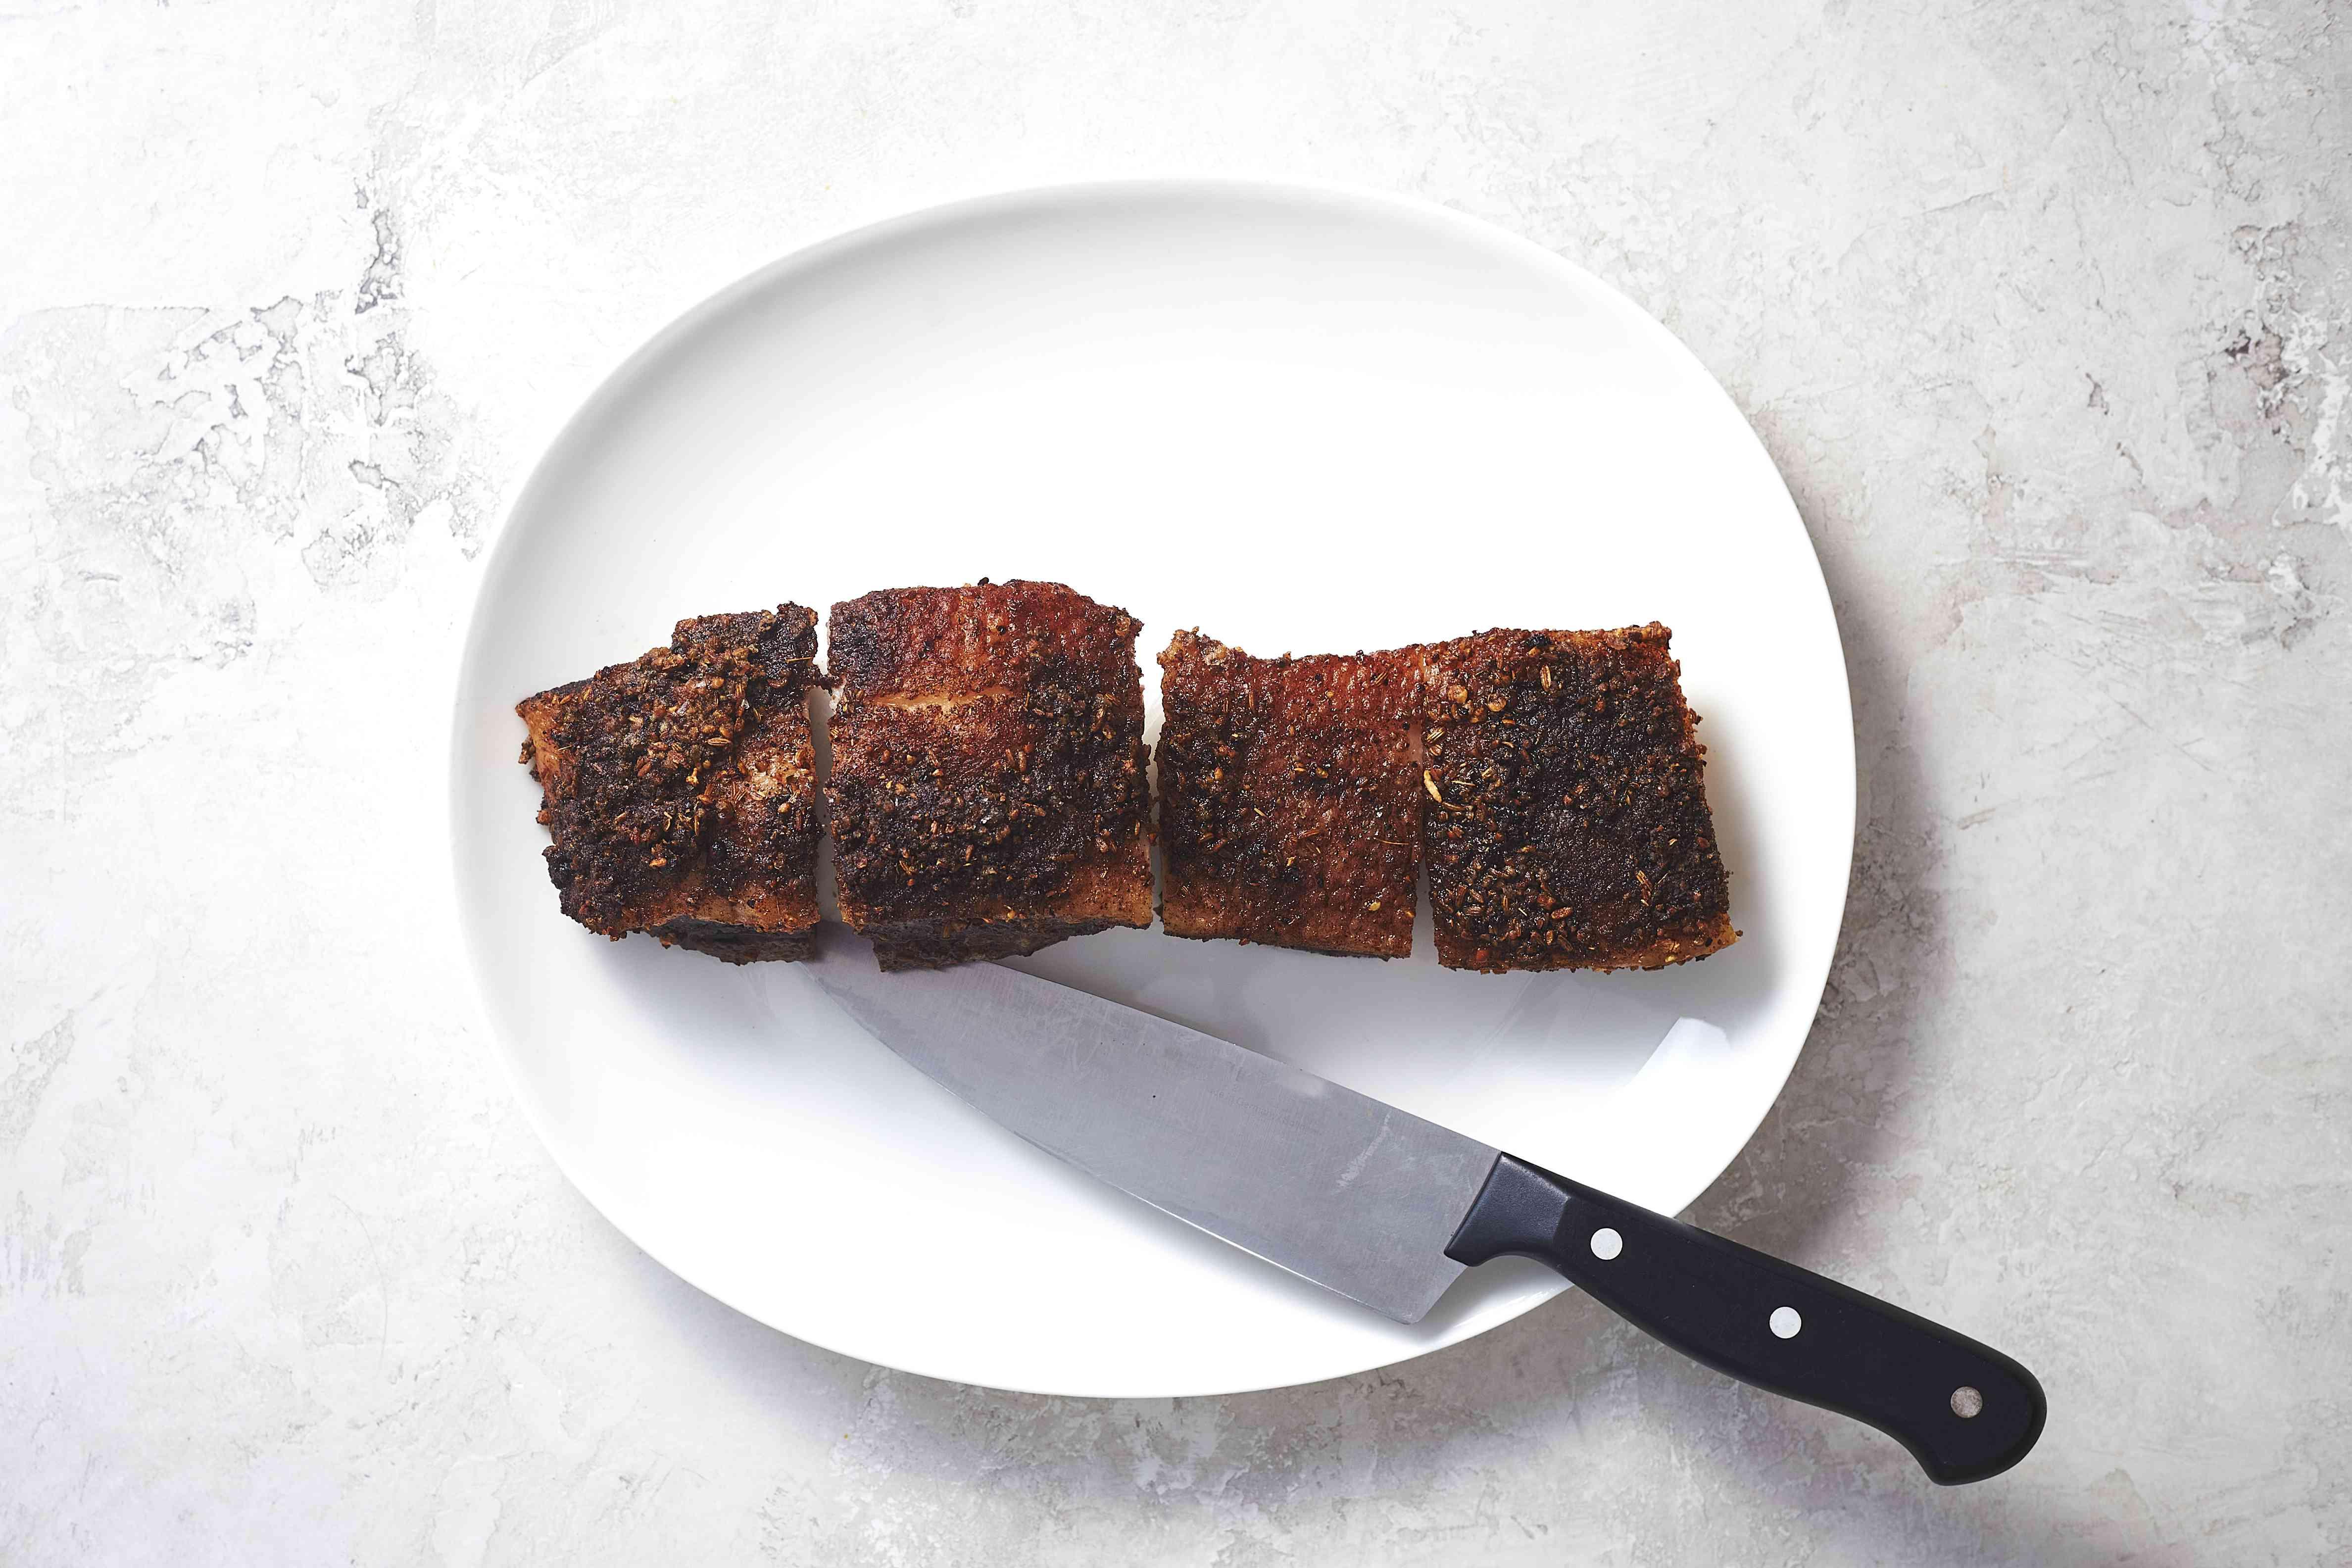 pork belly cut into pieces